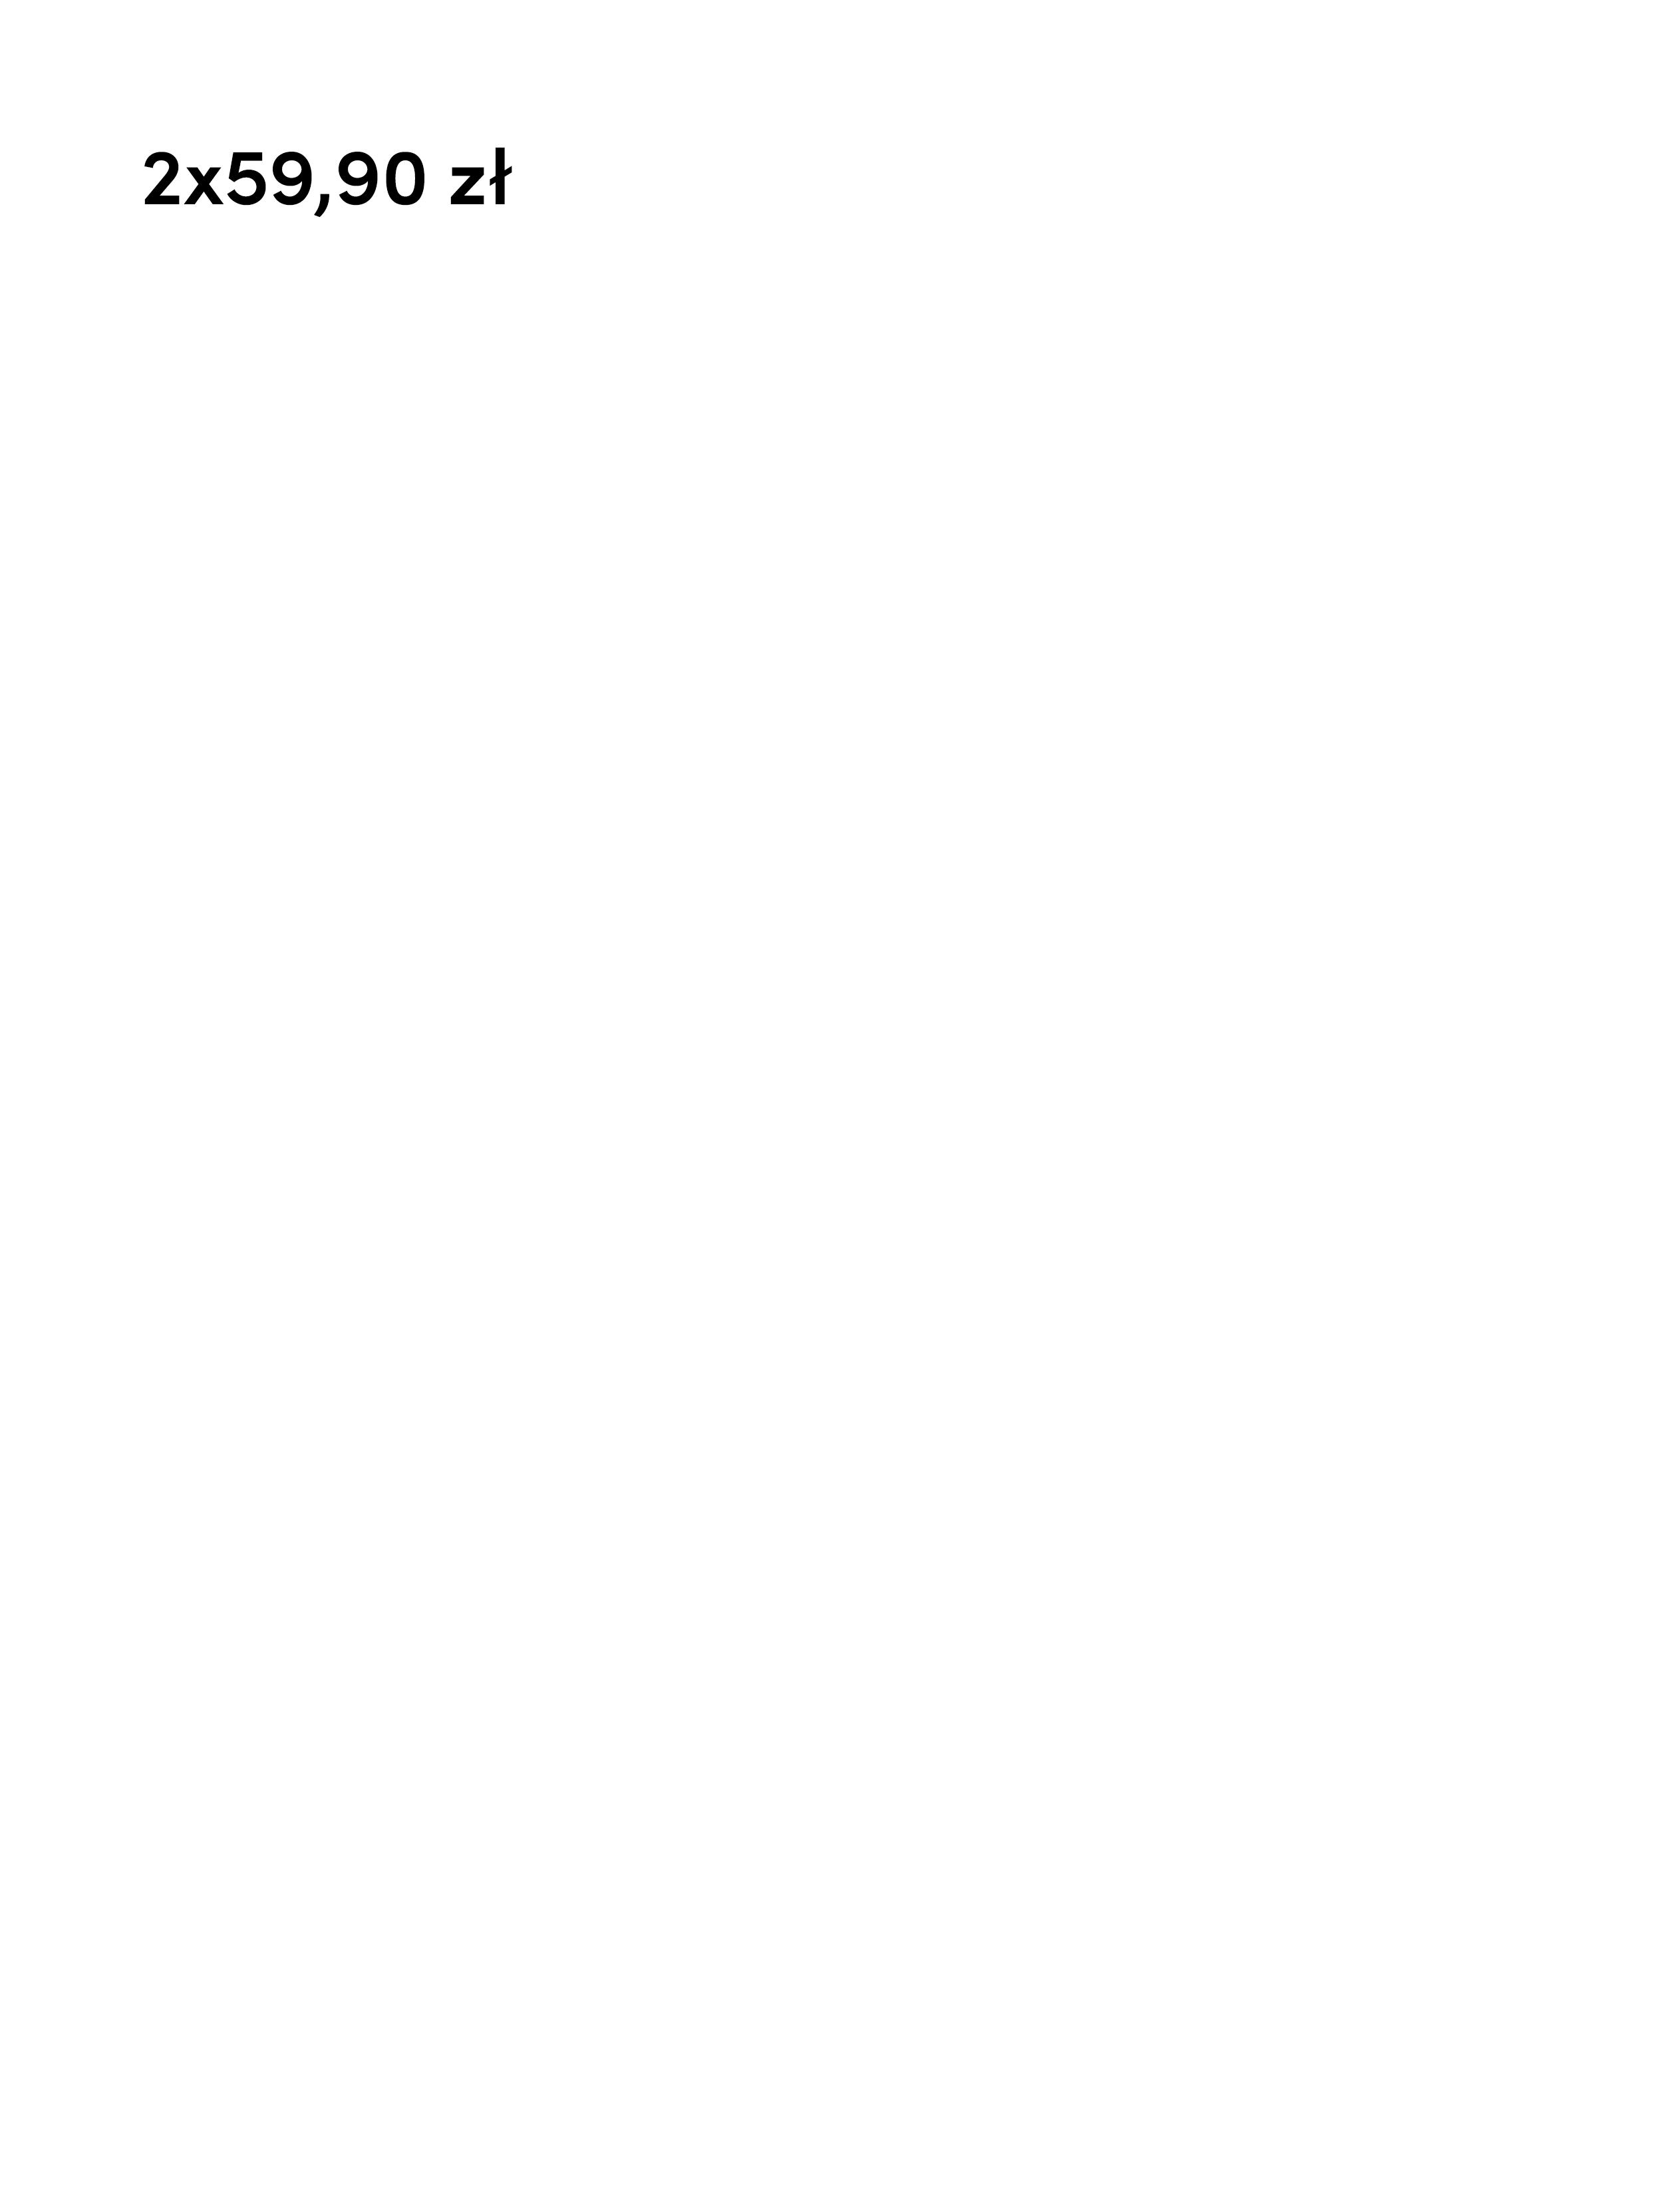 PL_2x59,90